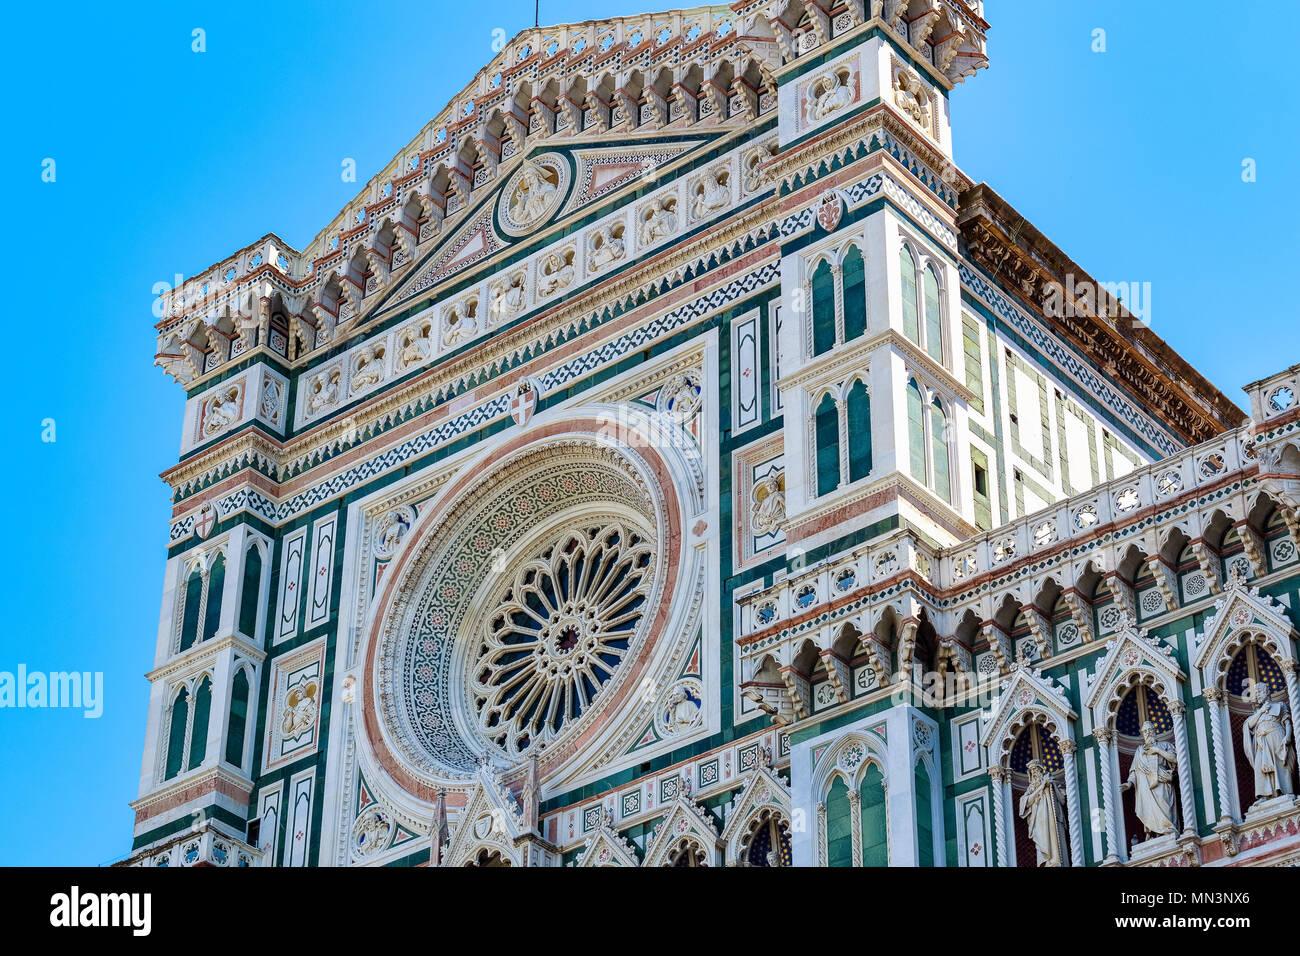 Façade de la Cattedrale di Santa Maria del Fiore (Cathédrale de Sainte Marie de la fleur) à Florence, Italie contre un ciel sans nuages Photo Stock